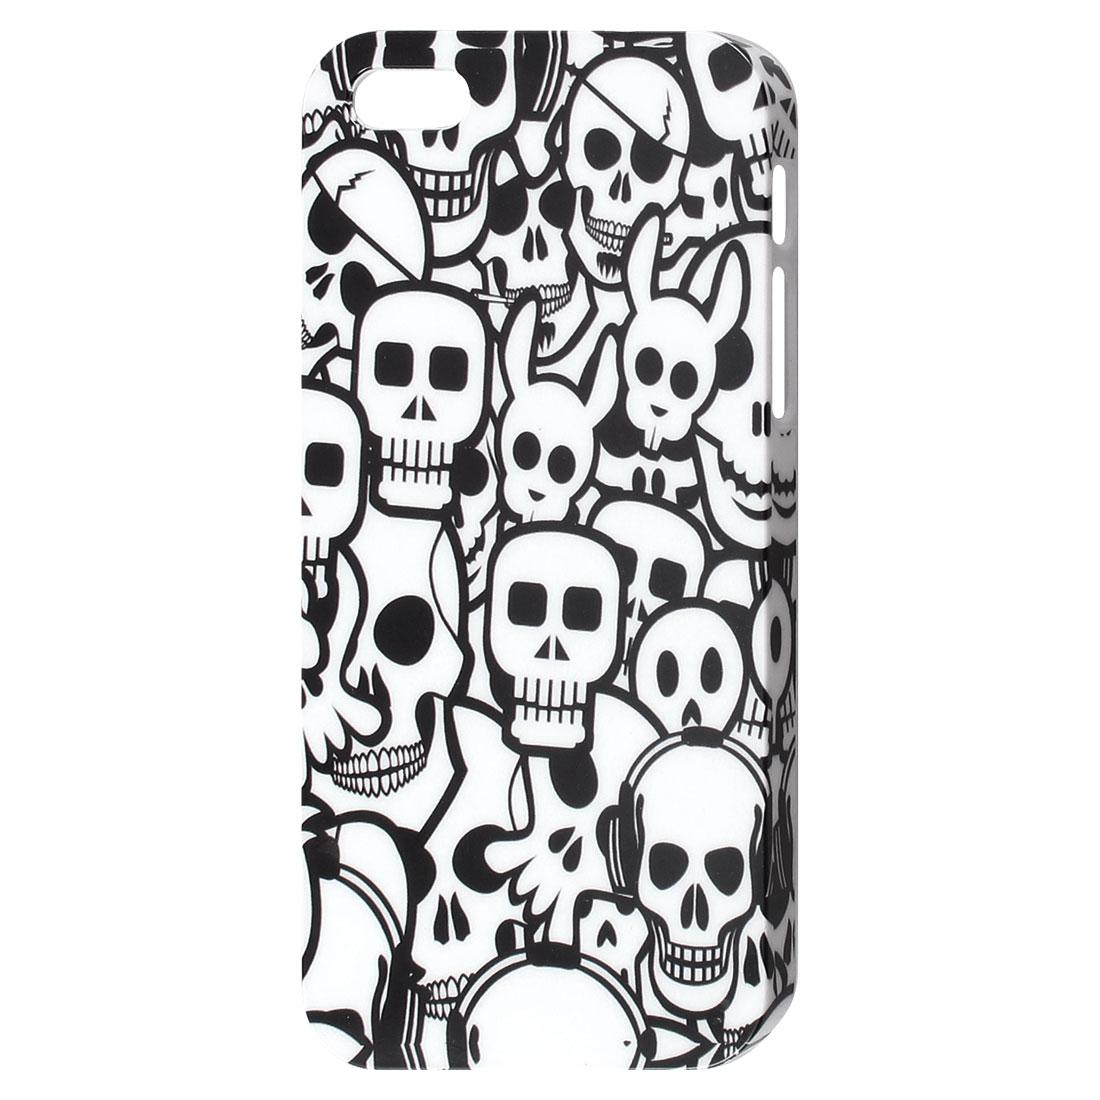 White Skull Pattern IMD Hard Back Case Cover for iPhone 5 5G 5th Gen